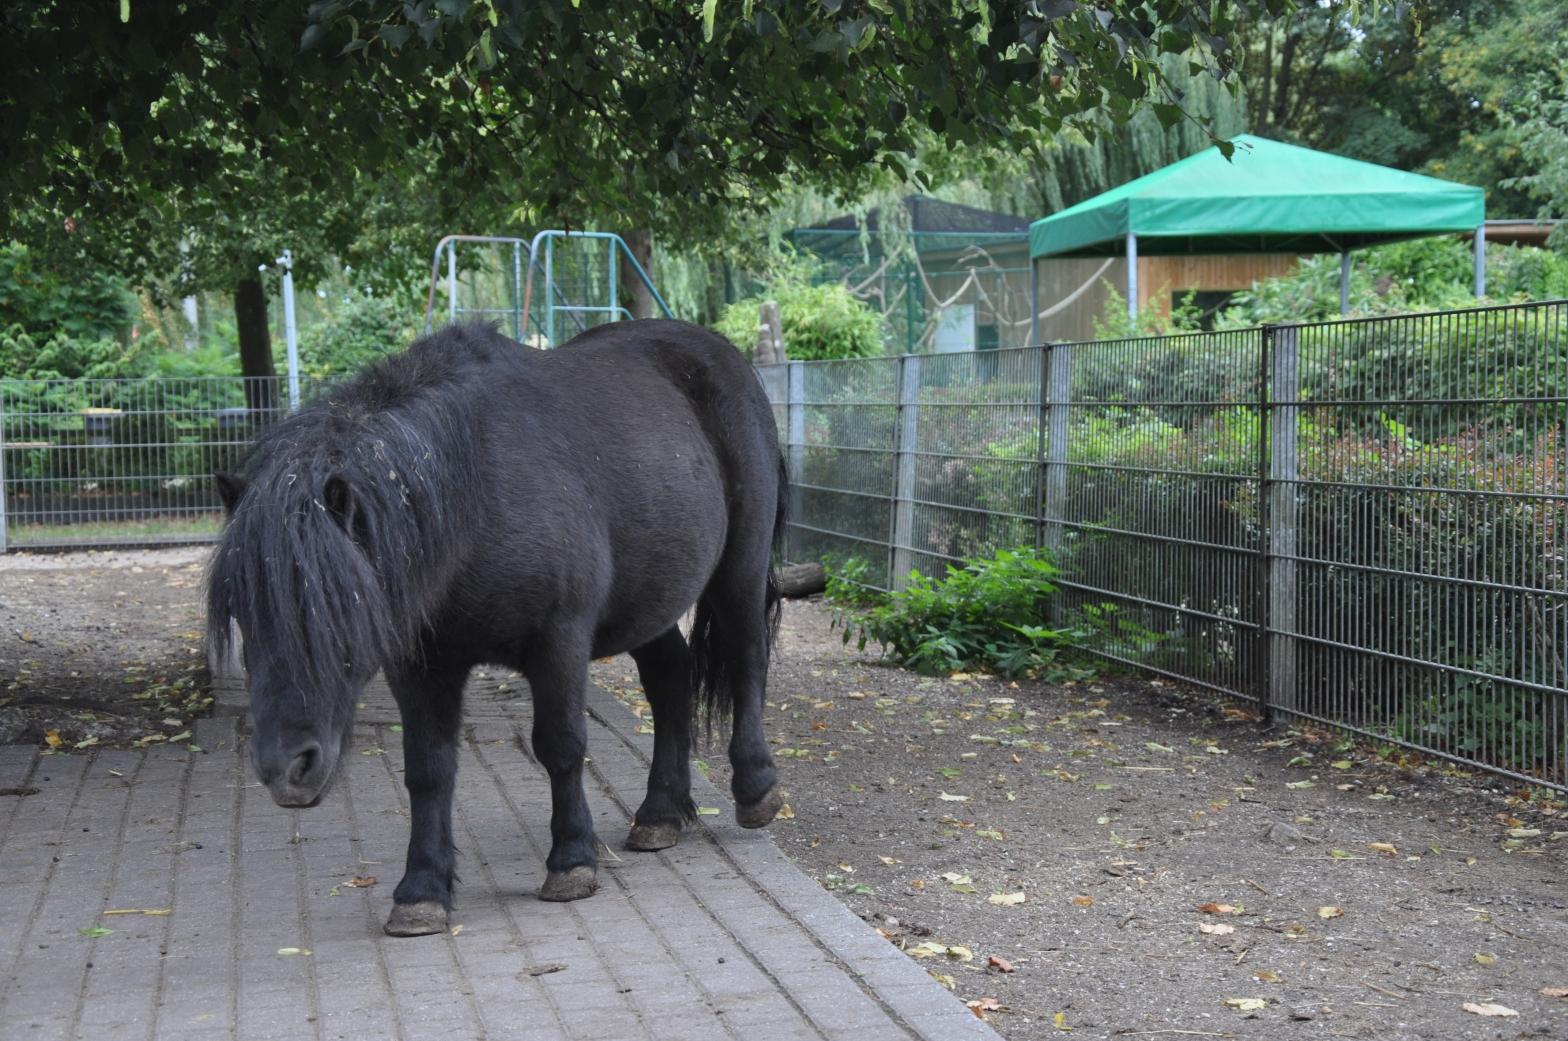 Das Bild zeigt unser Patentier, den Schetlandhengst Little Joe im Tiergarten Kleve.